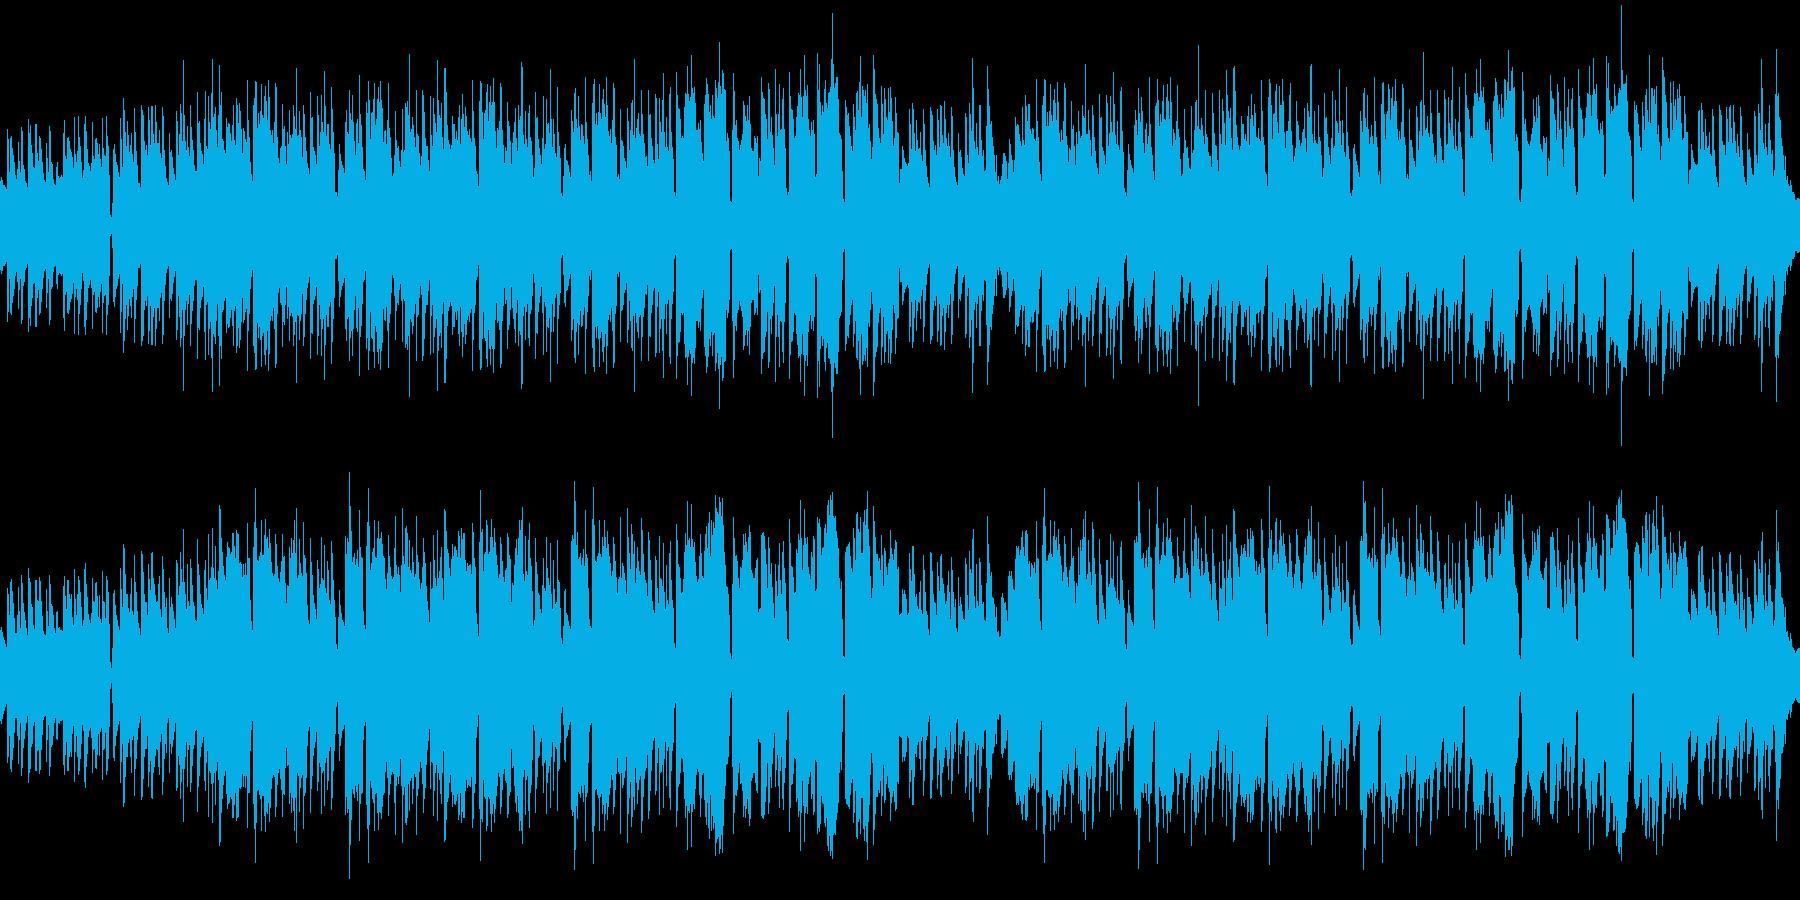 フィールドや森をイメージしたアルペジオの再生済みの波形